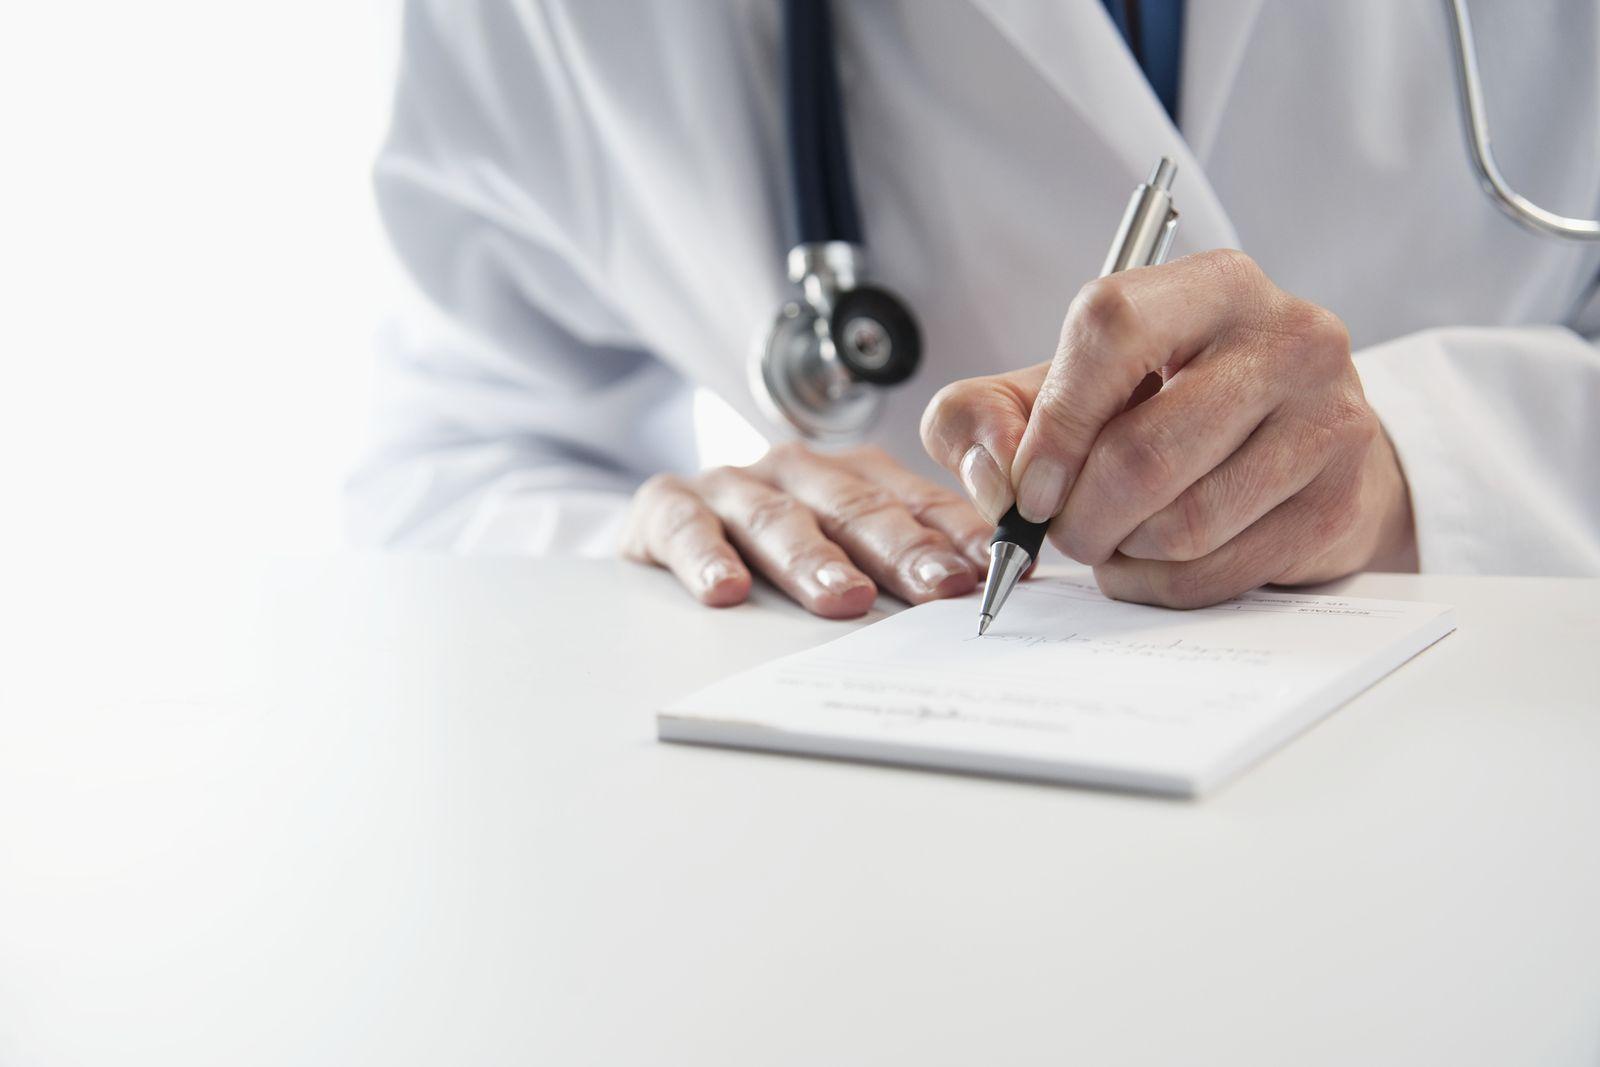 NICHT MEHR VERWENDEN! - mmo Thema Gesundheit / Arzt / Ärztin / Rezept ausstellen